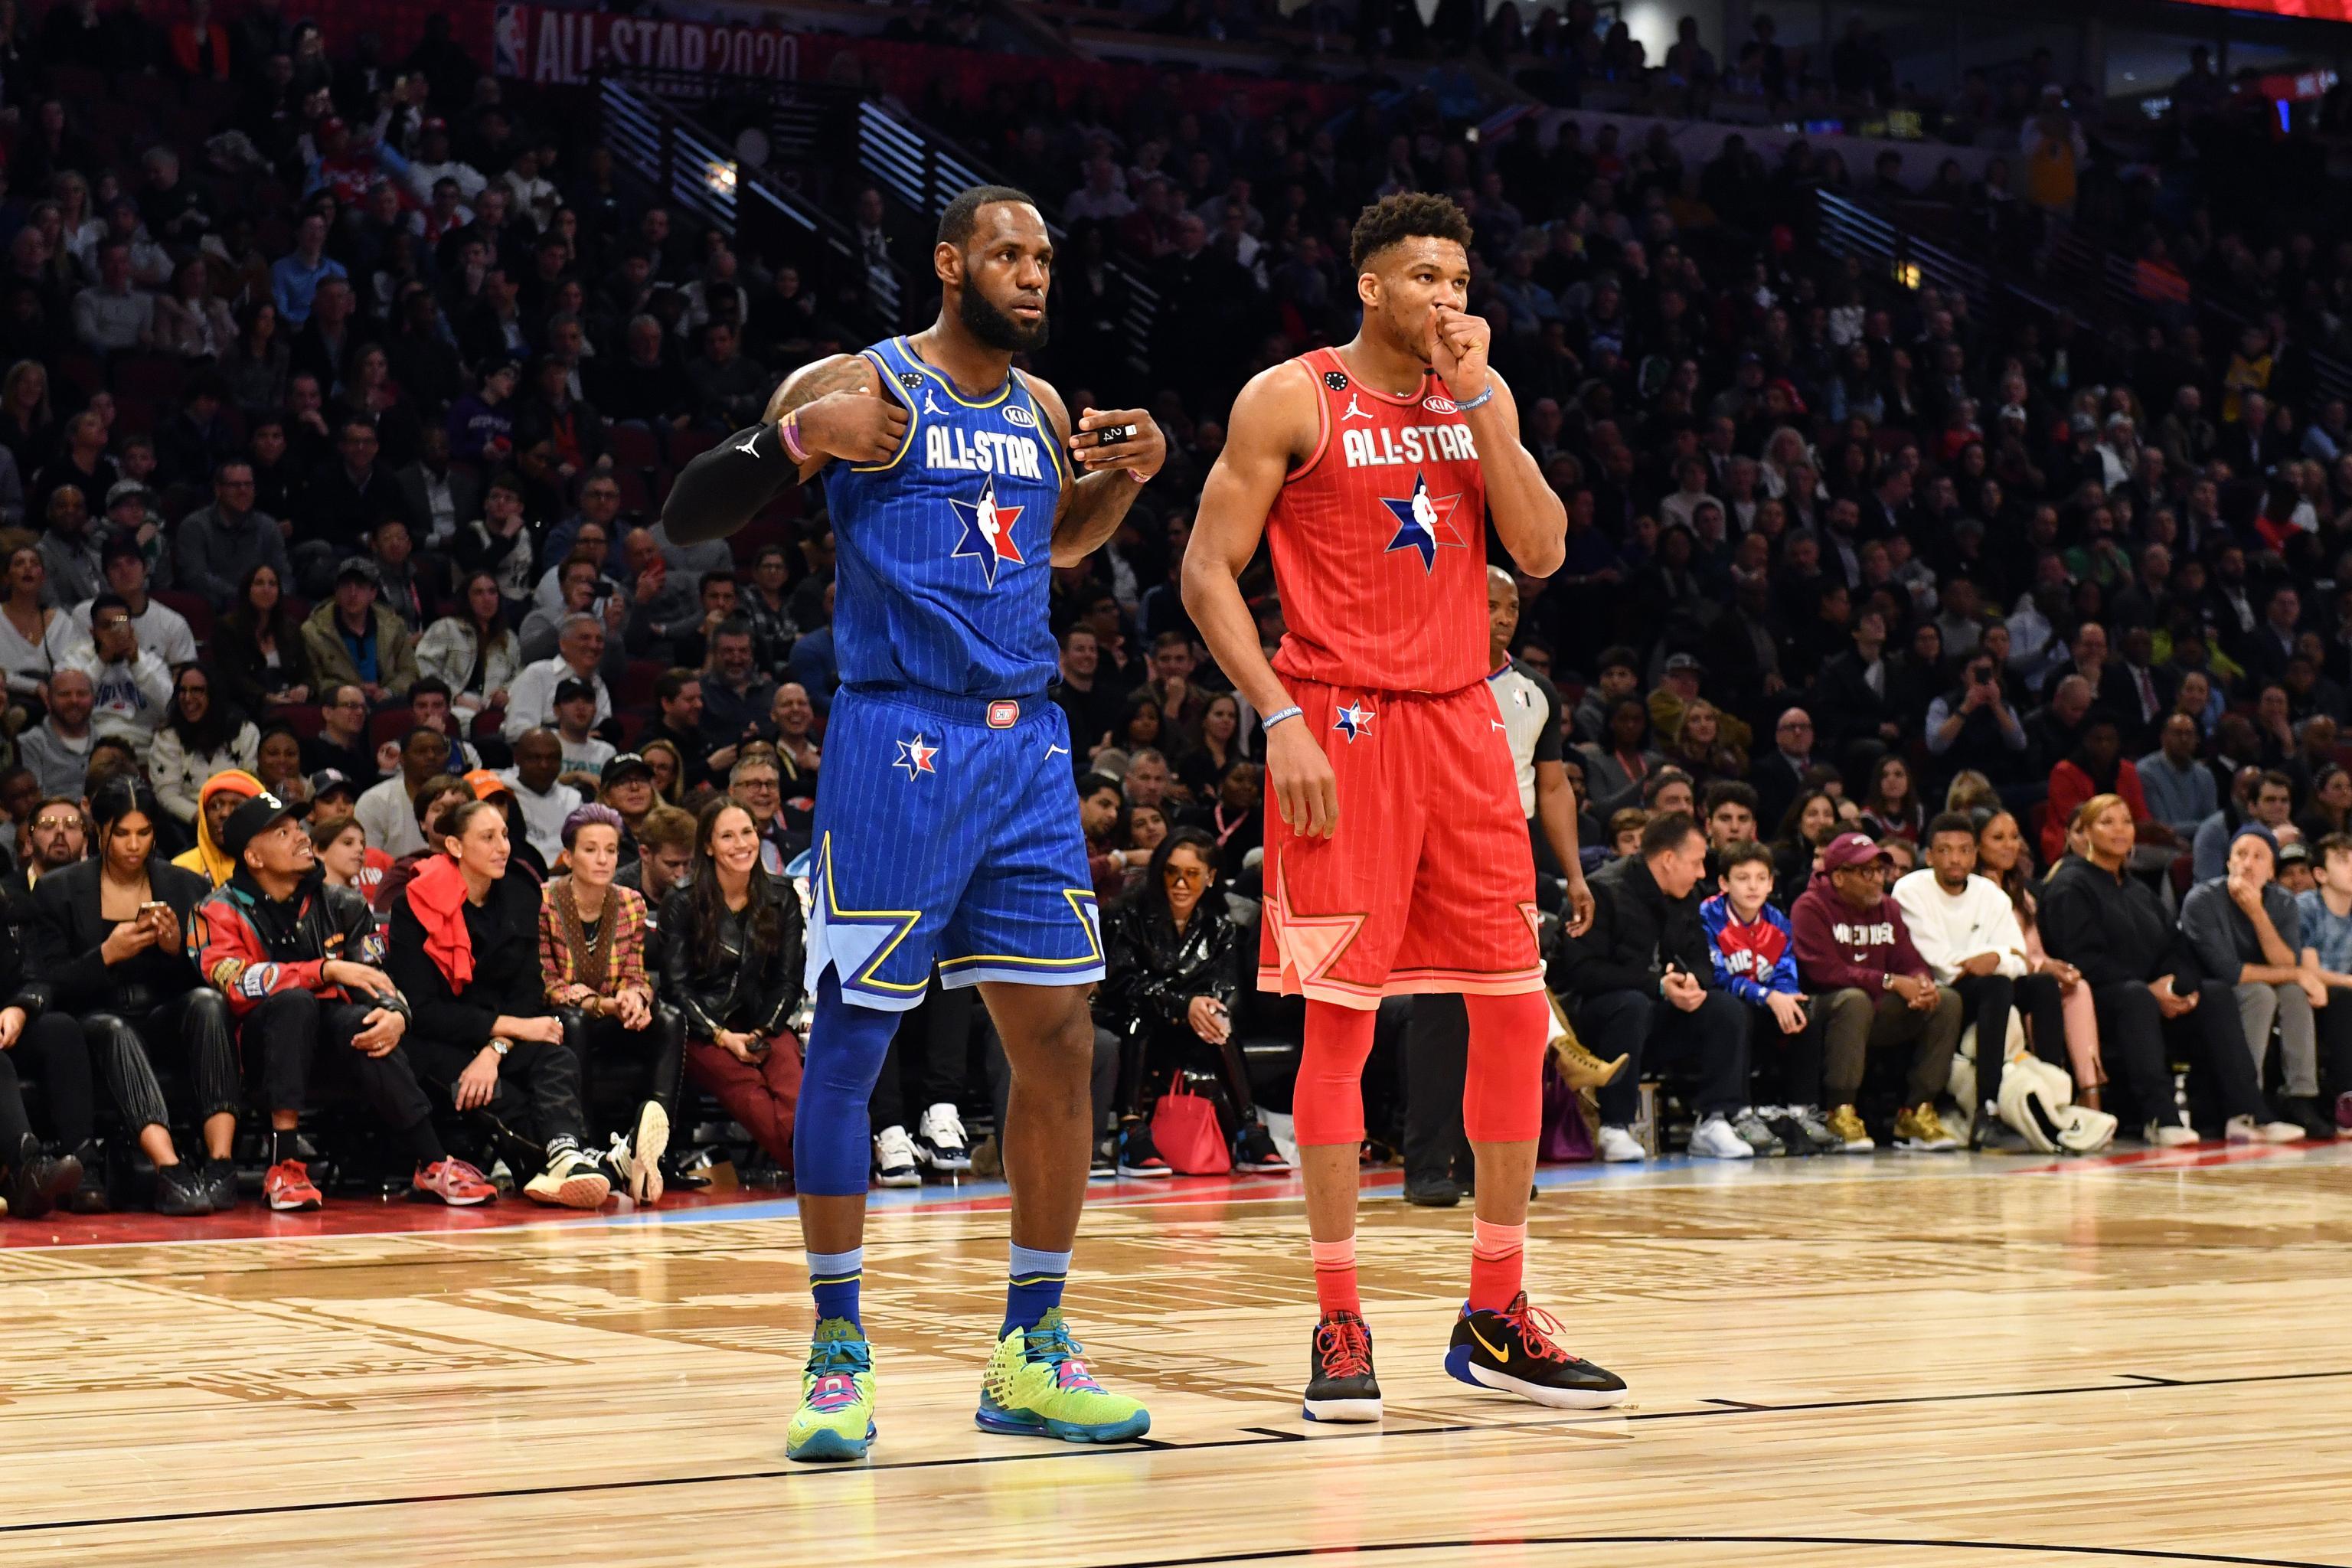 好消息!NBA下賽季不會縮水,將打滿82場,本賽季總冠軍賽可能8月開戰!-Haters-黑特籃球NBA新聞影音圖片分享社區